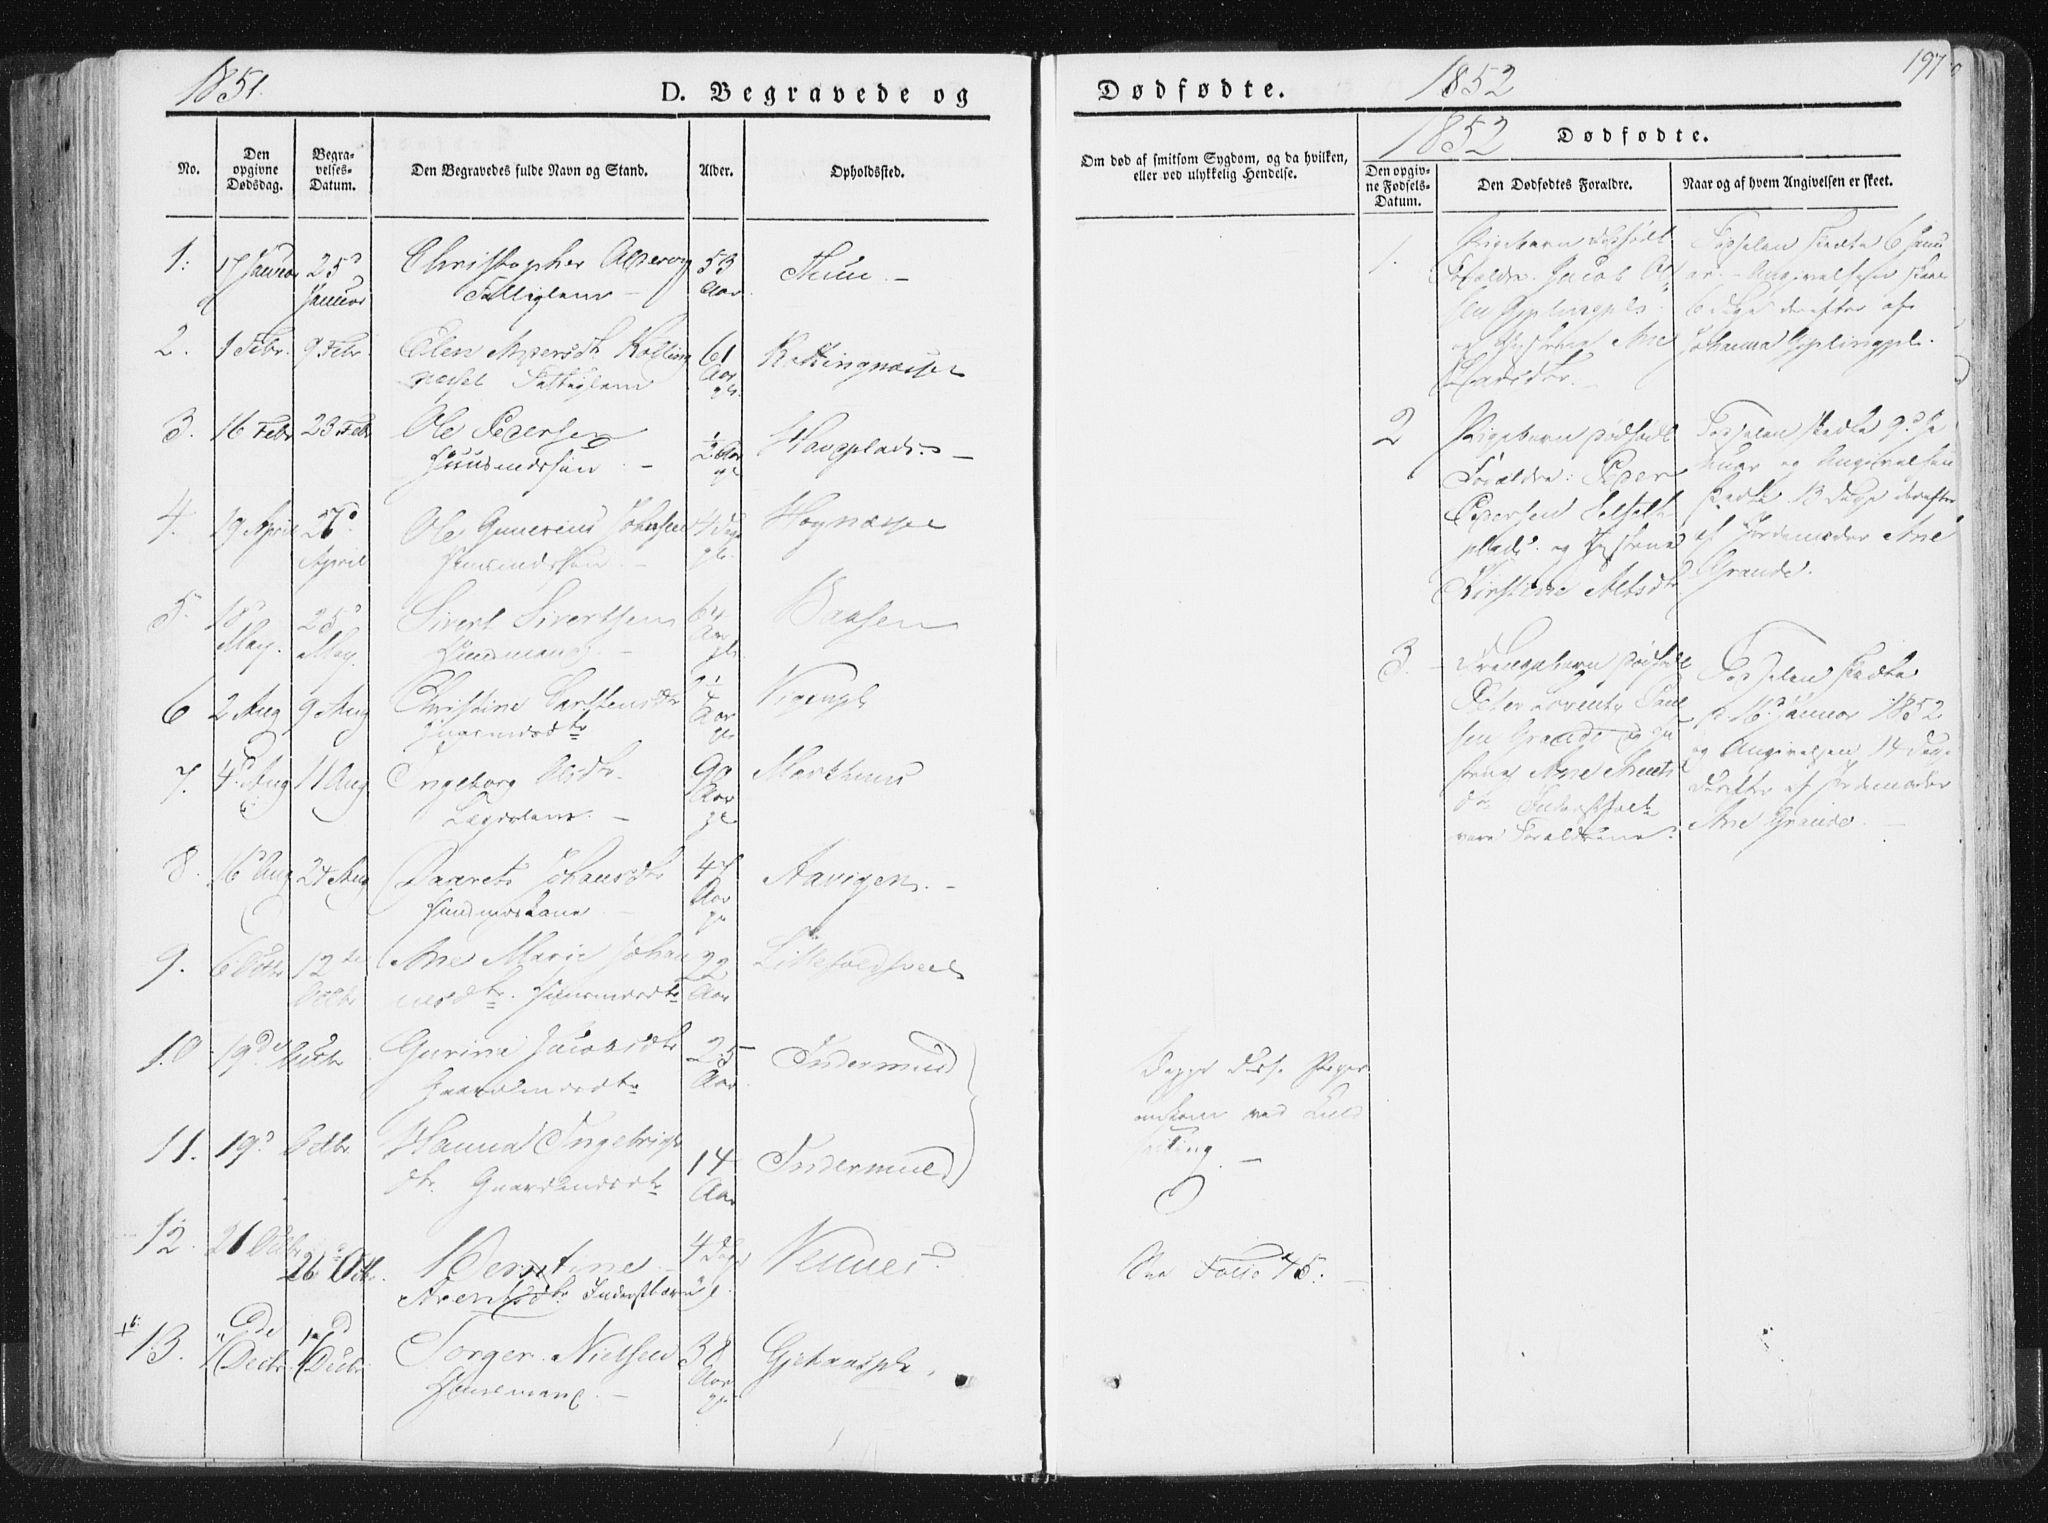 SAT, Ministerialprotokoller, klokkerbøker og fødselsregistre - Nord-Trøndelag, 744/L0418: Ministerialbok nr. 744A02, 1843-1866, s. 197